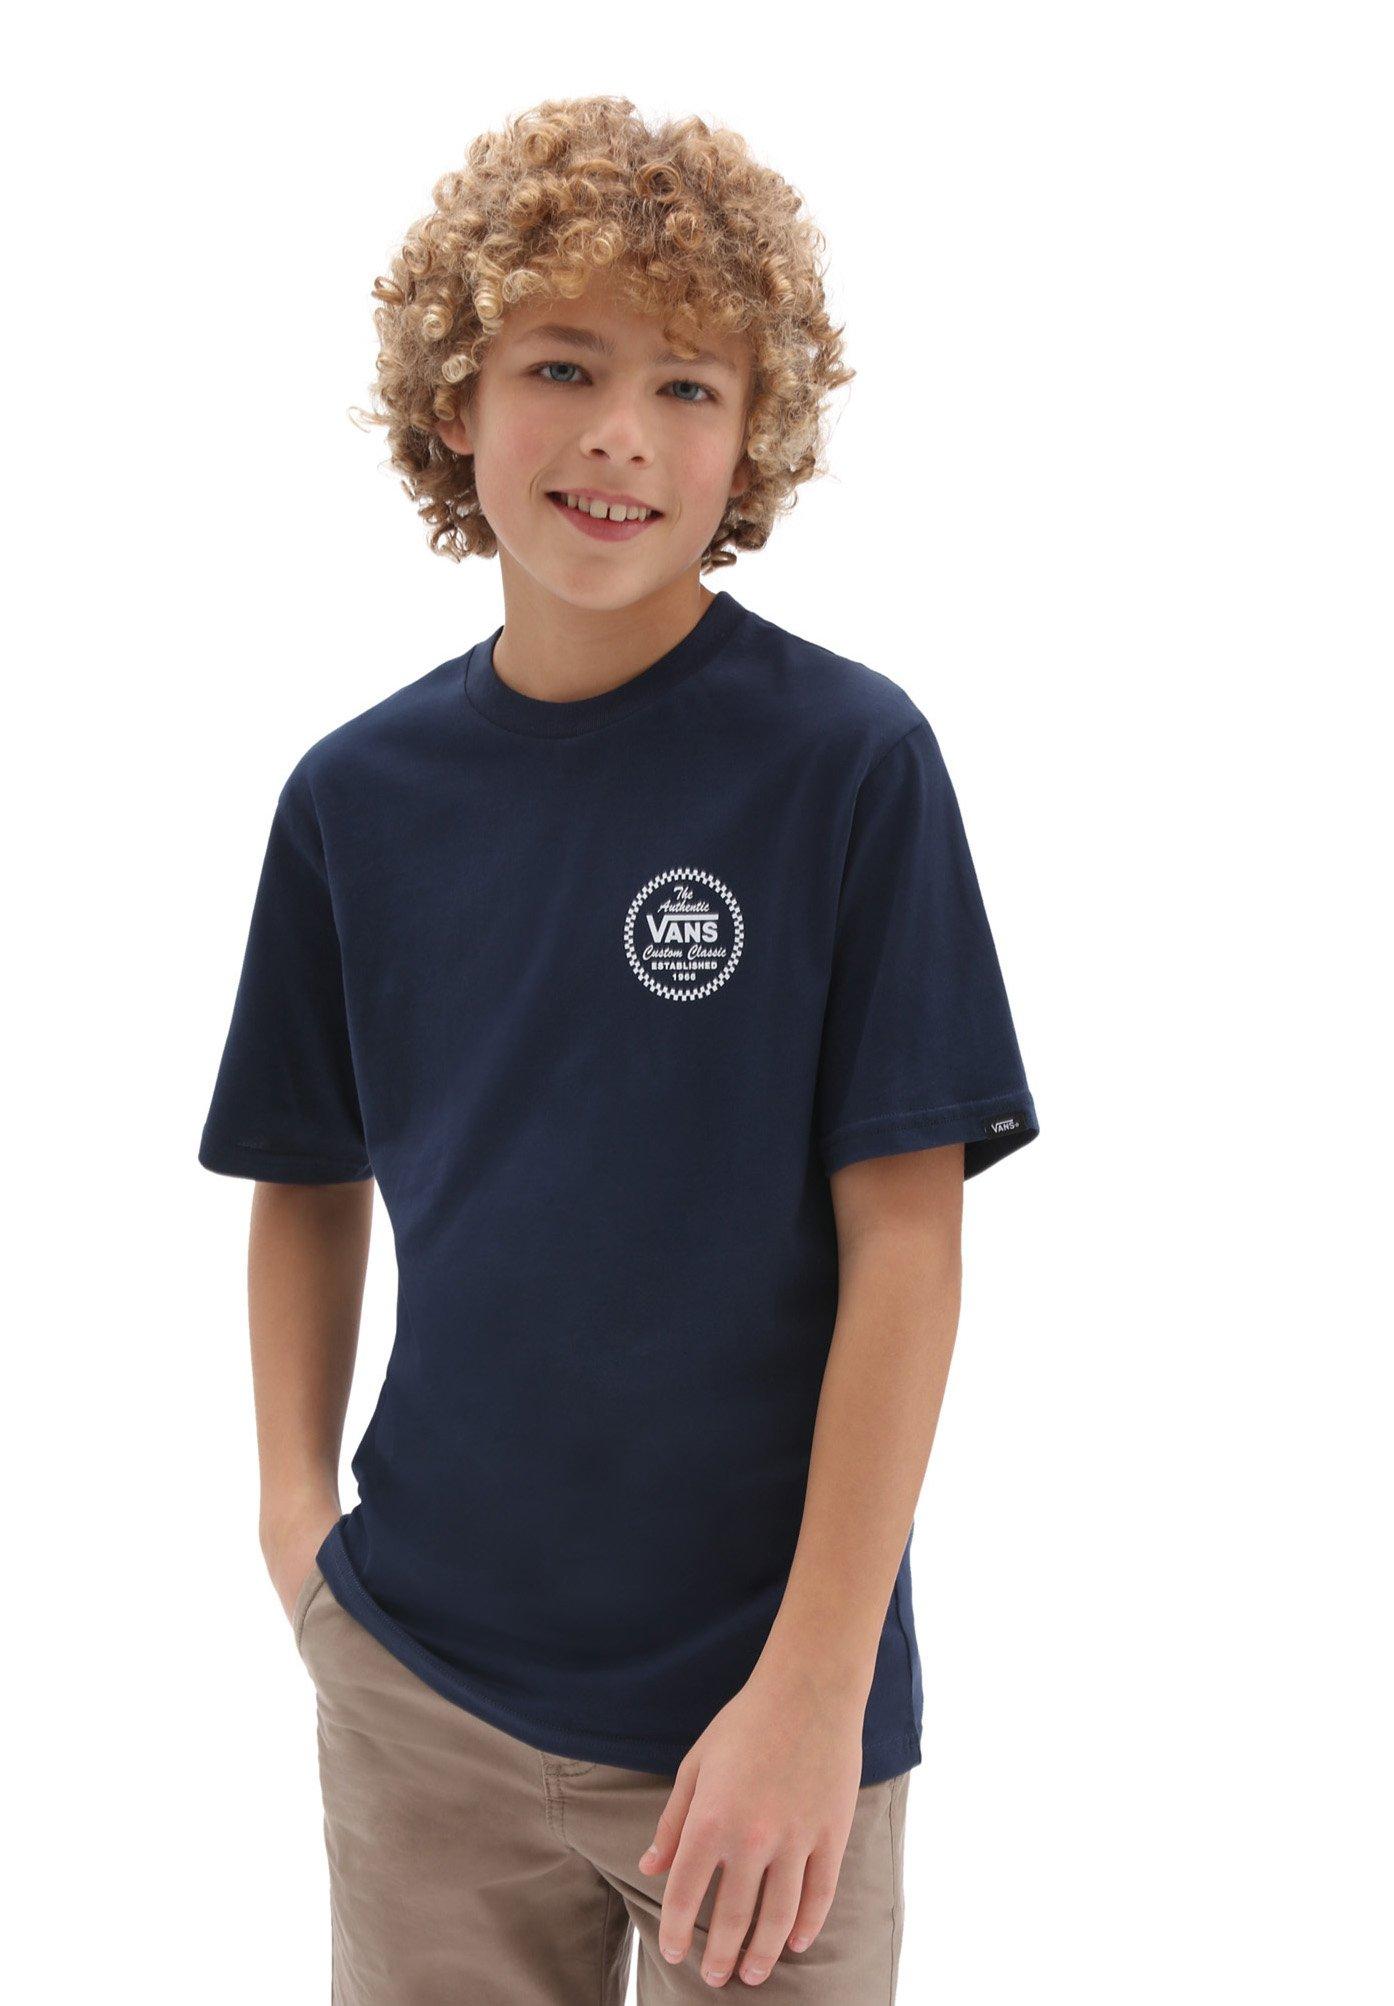 Kinder BY VANS CUSTOM CLASSIC SS BOYS - T-Shirt print